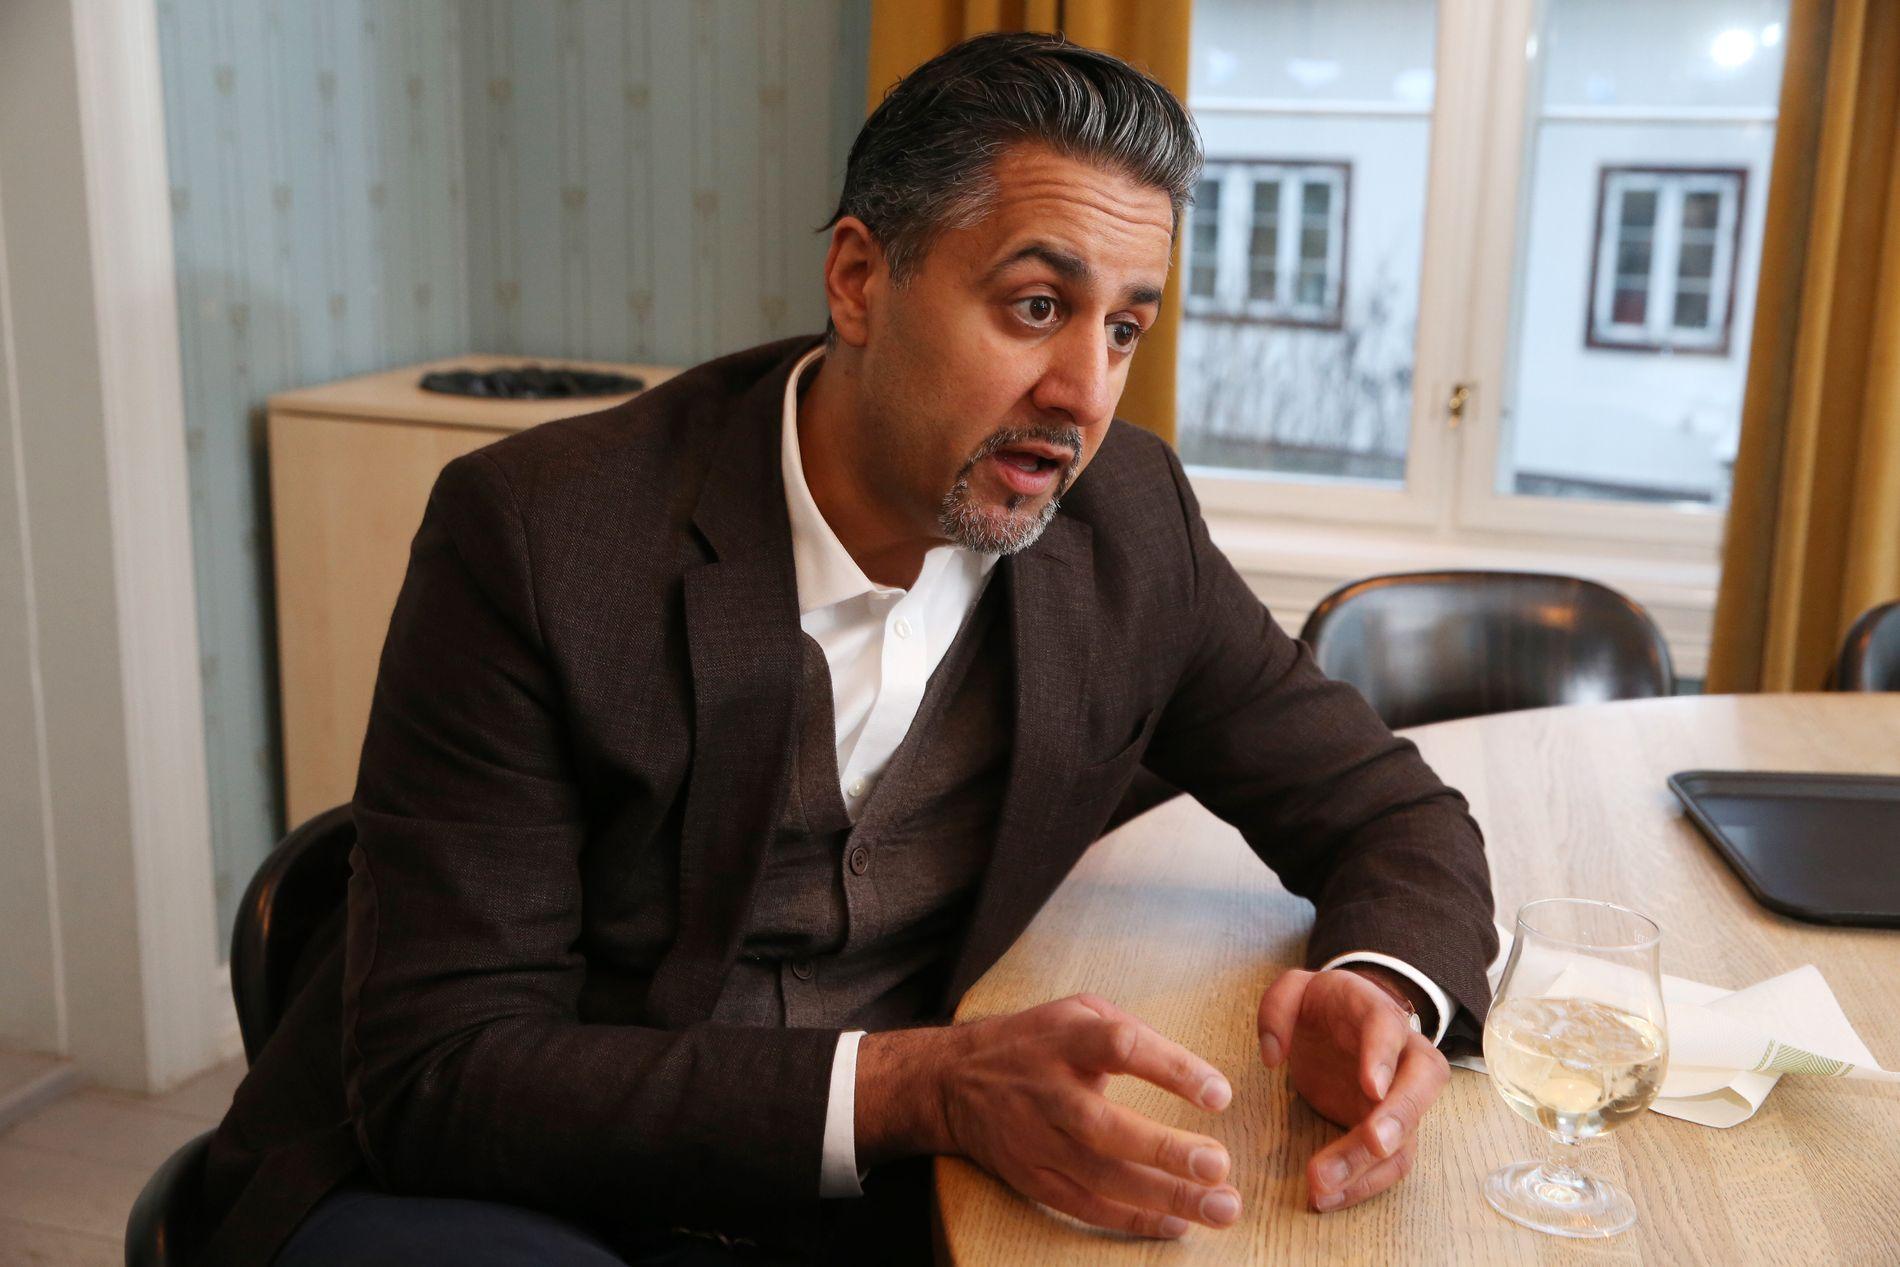 STRID I REGJERINGEN: Venstres Abid Raja får svar fra Frp – og det er at momsfritaket for elbiler ryker i etter neste stortingsvalg i 2021.